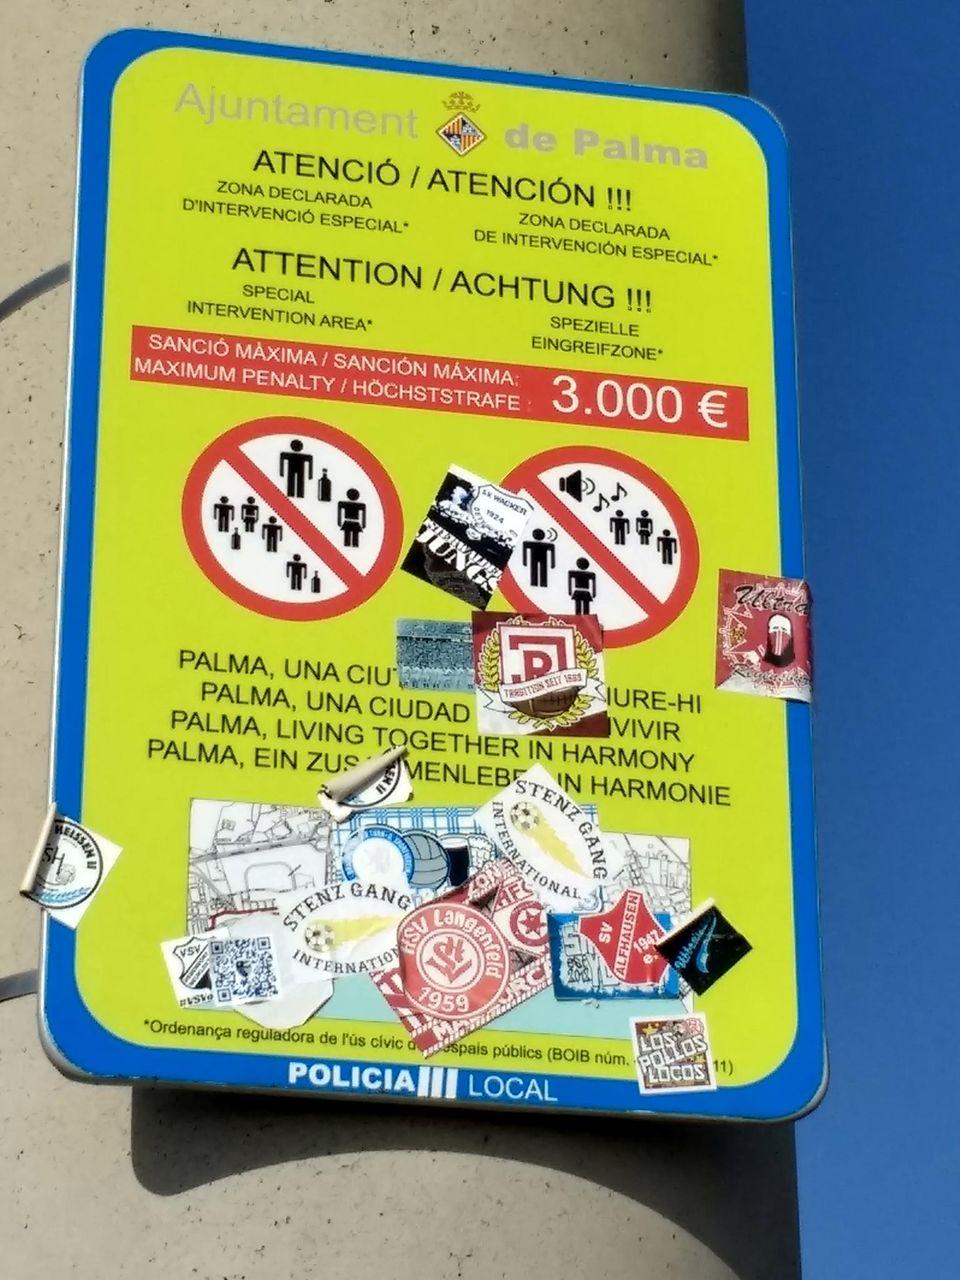 Auf eime Schild in Strandnähe werden für Alkoholkonsum und laute Musik 3000 EURO Höchststrafe angedroht